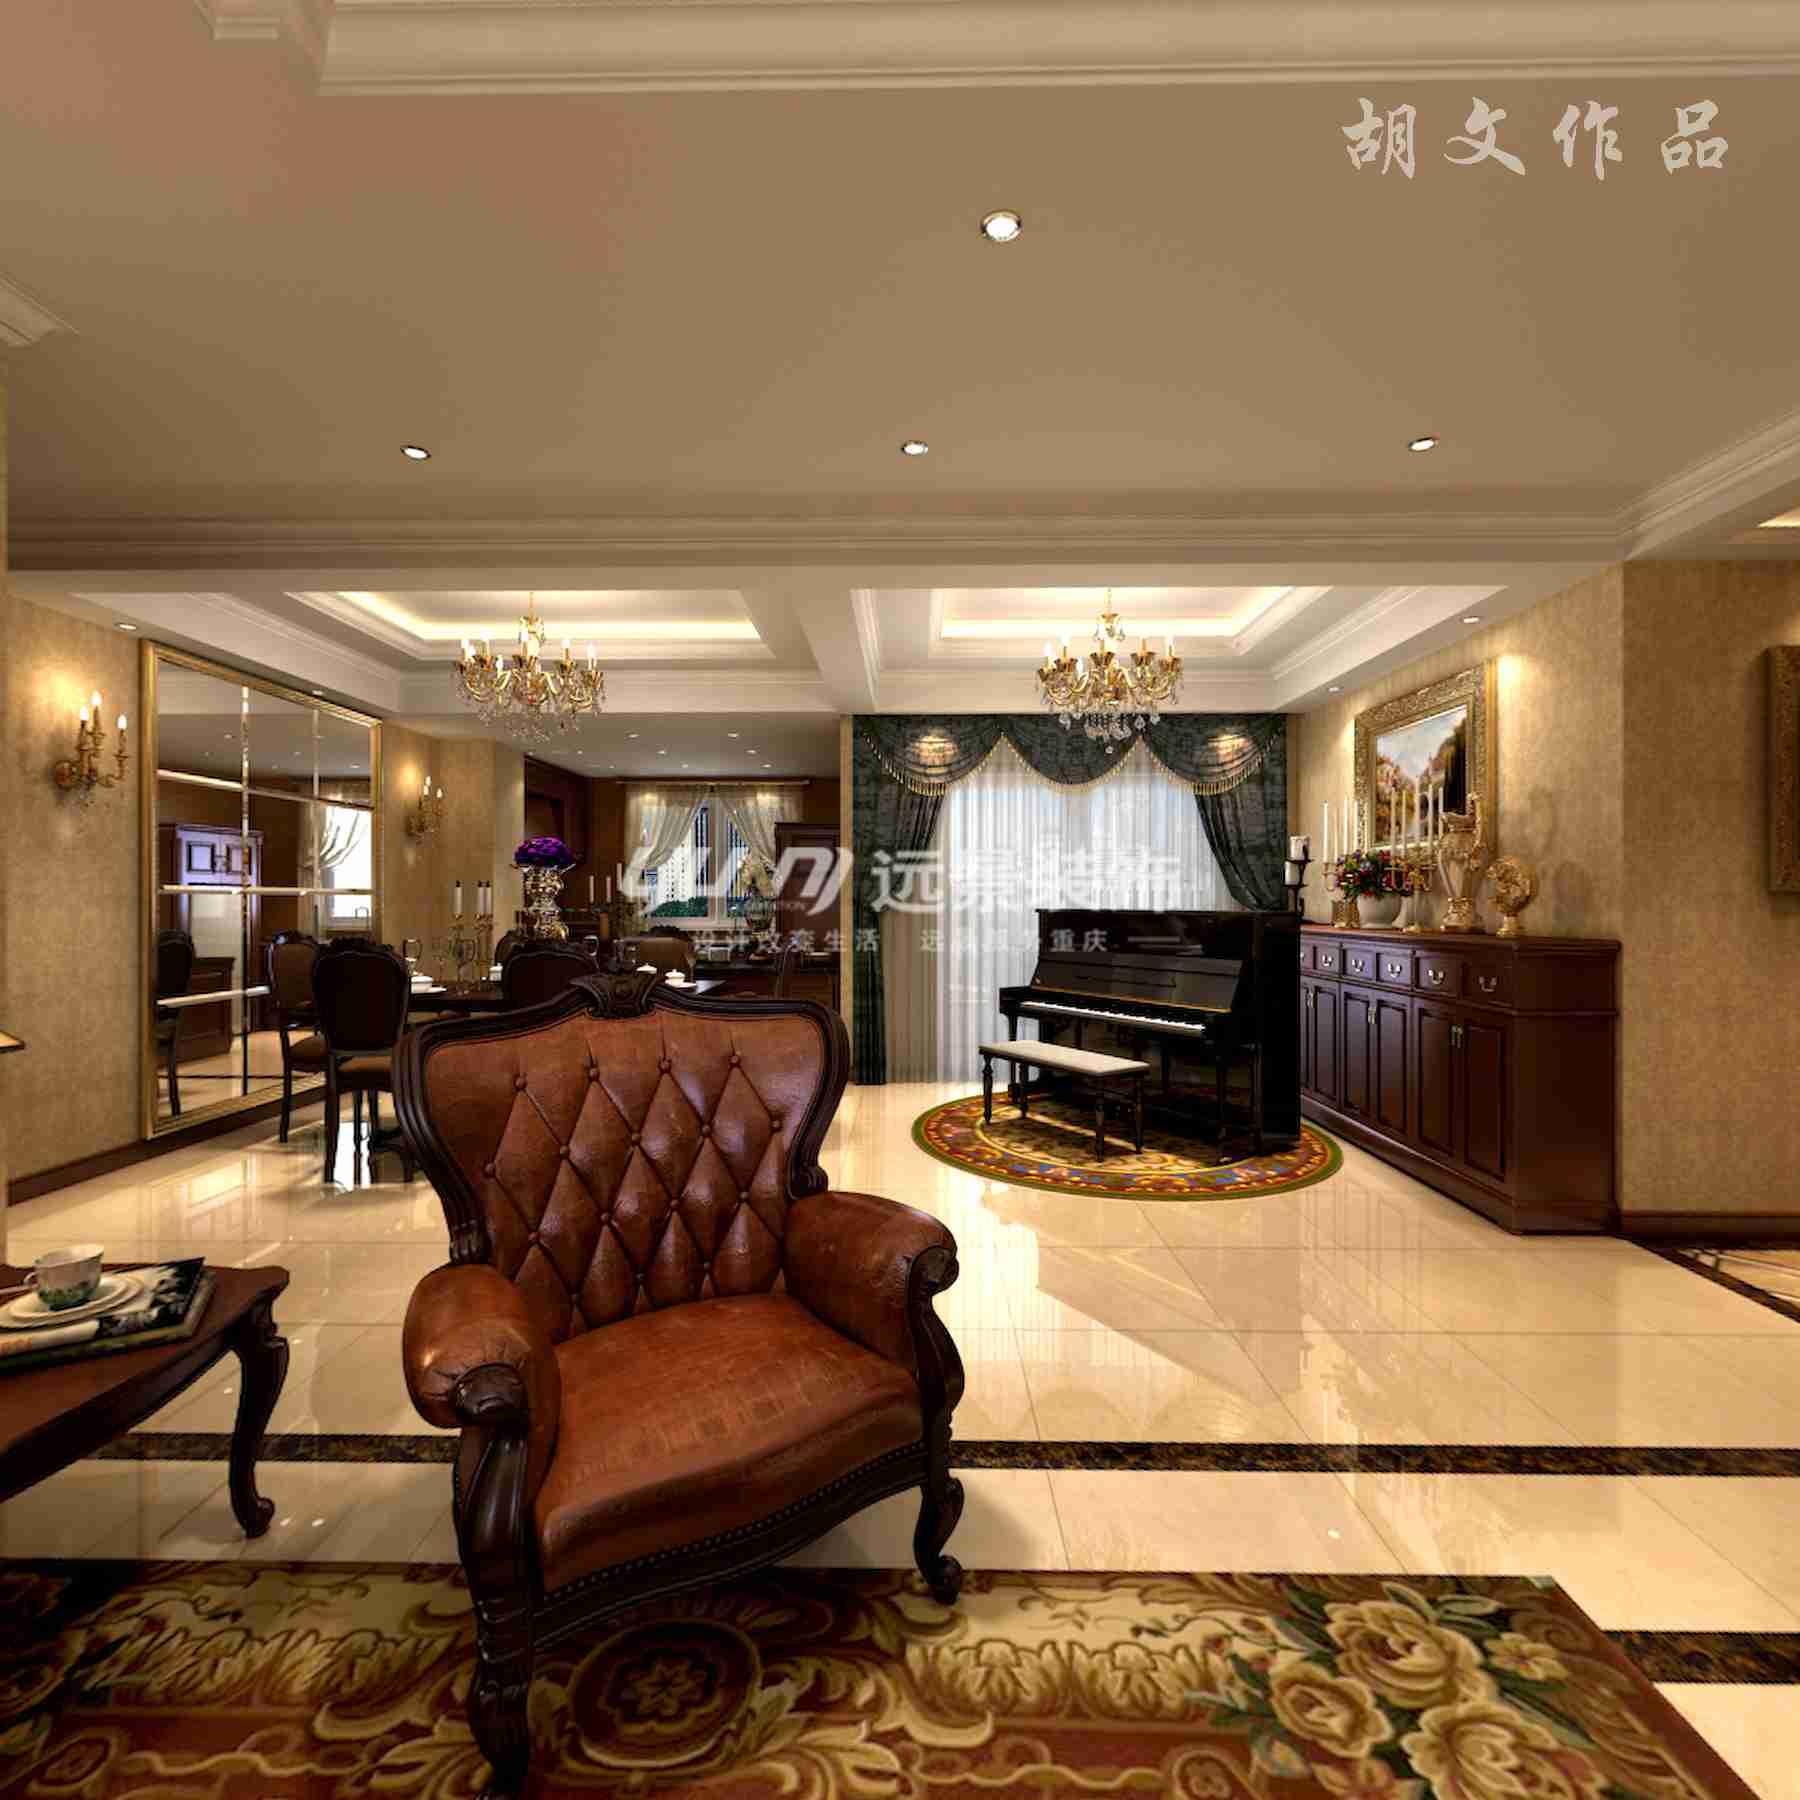 美式 客厅图片来自重庆远景装饰_张其斌在装得如此美的简美风格的分享